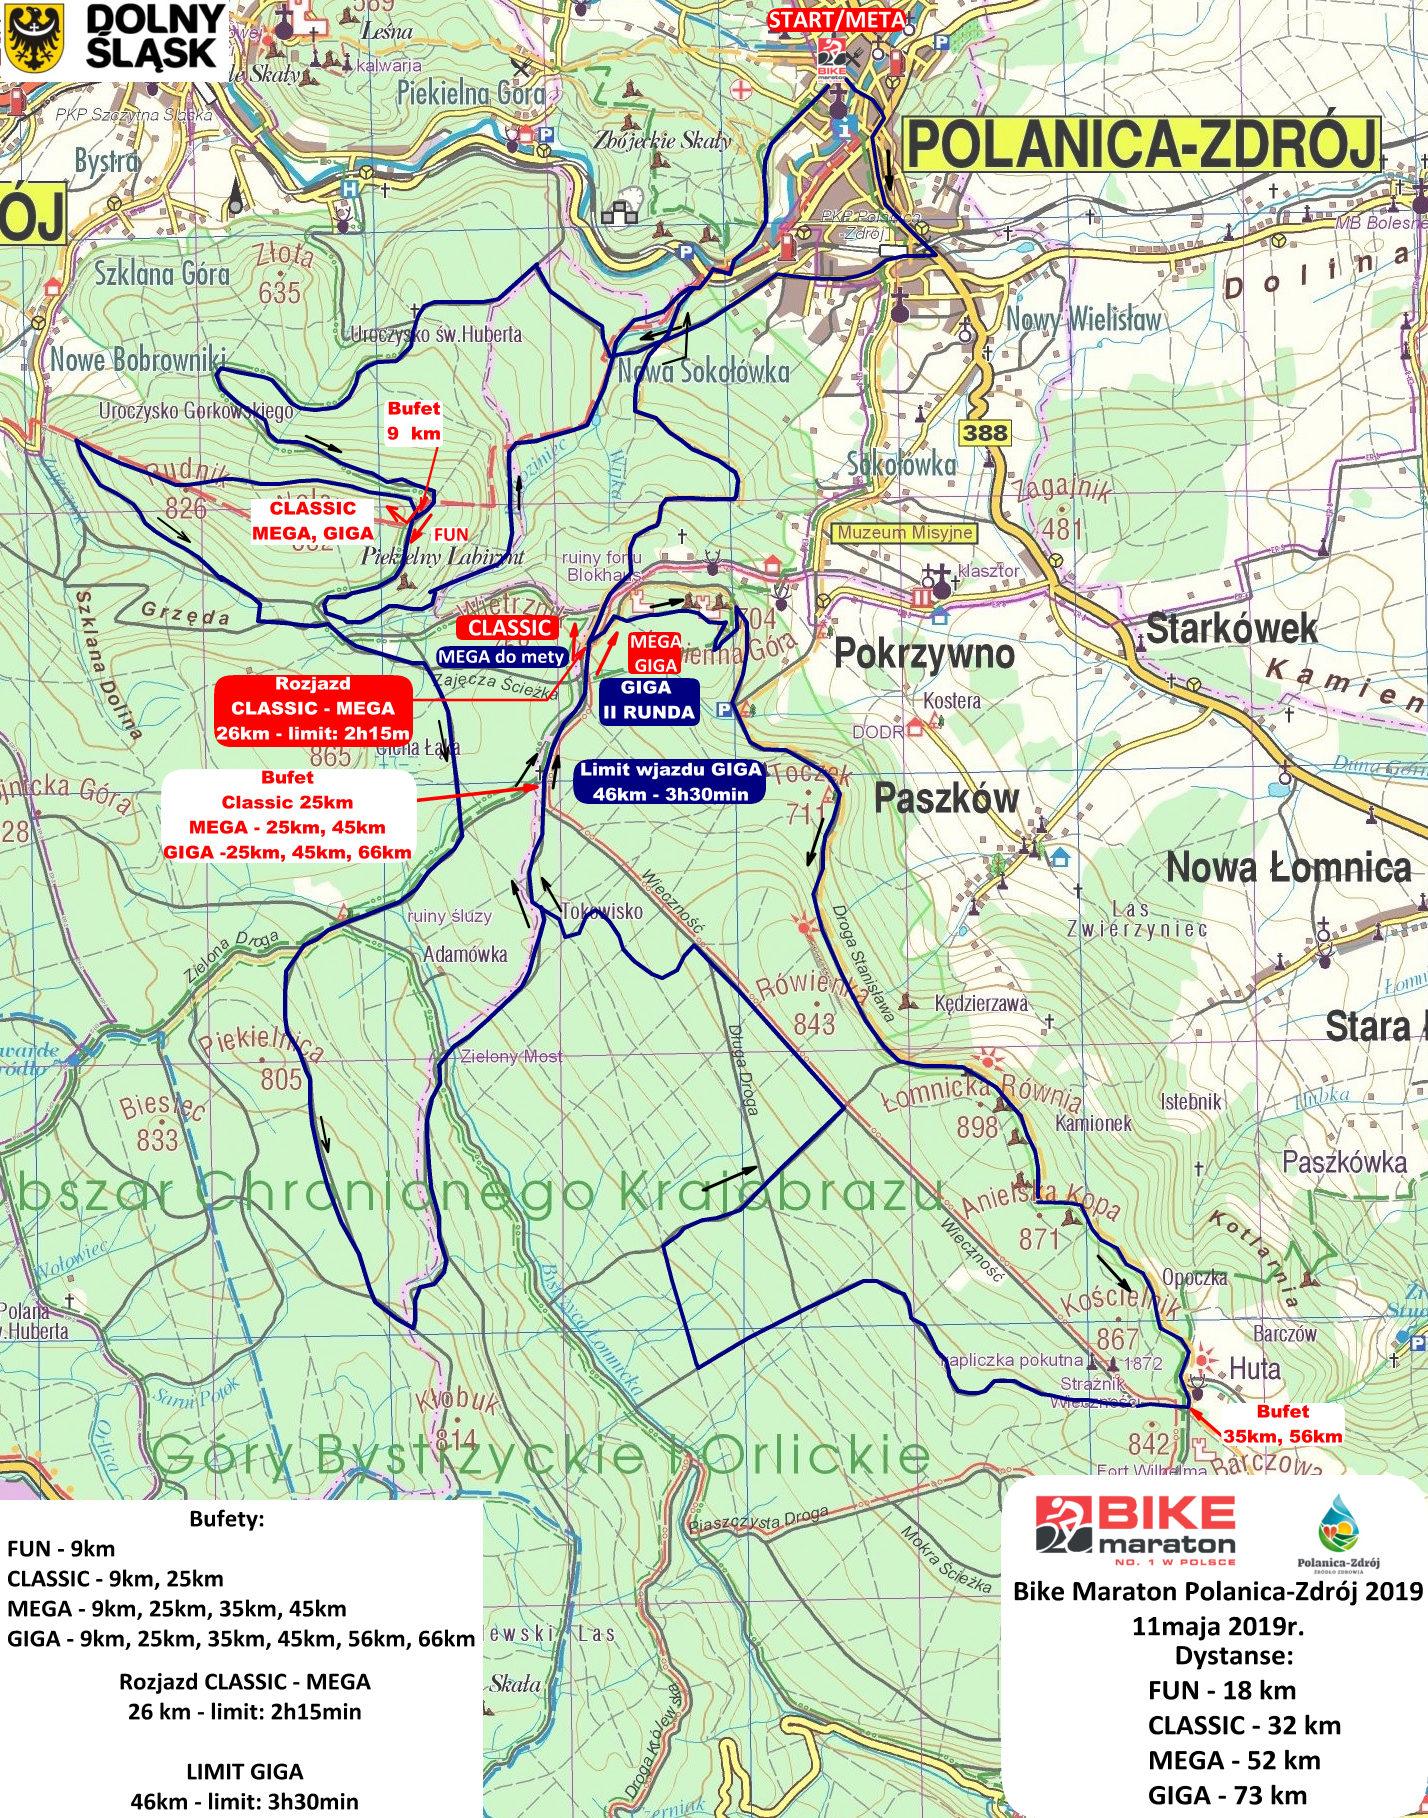 Bike Maraton w Polanicy-Zdroju rusza 11 maja!